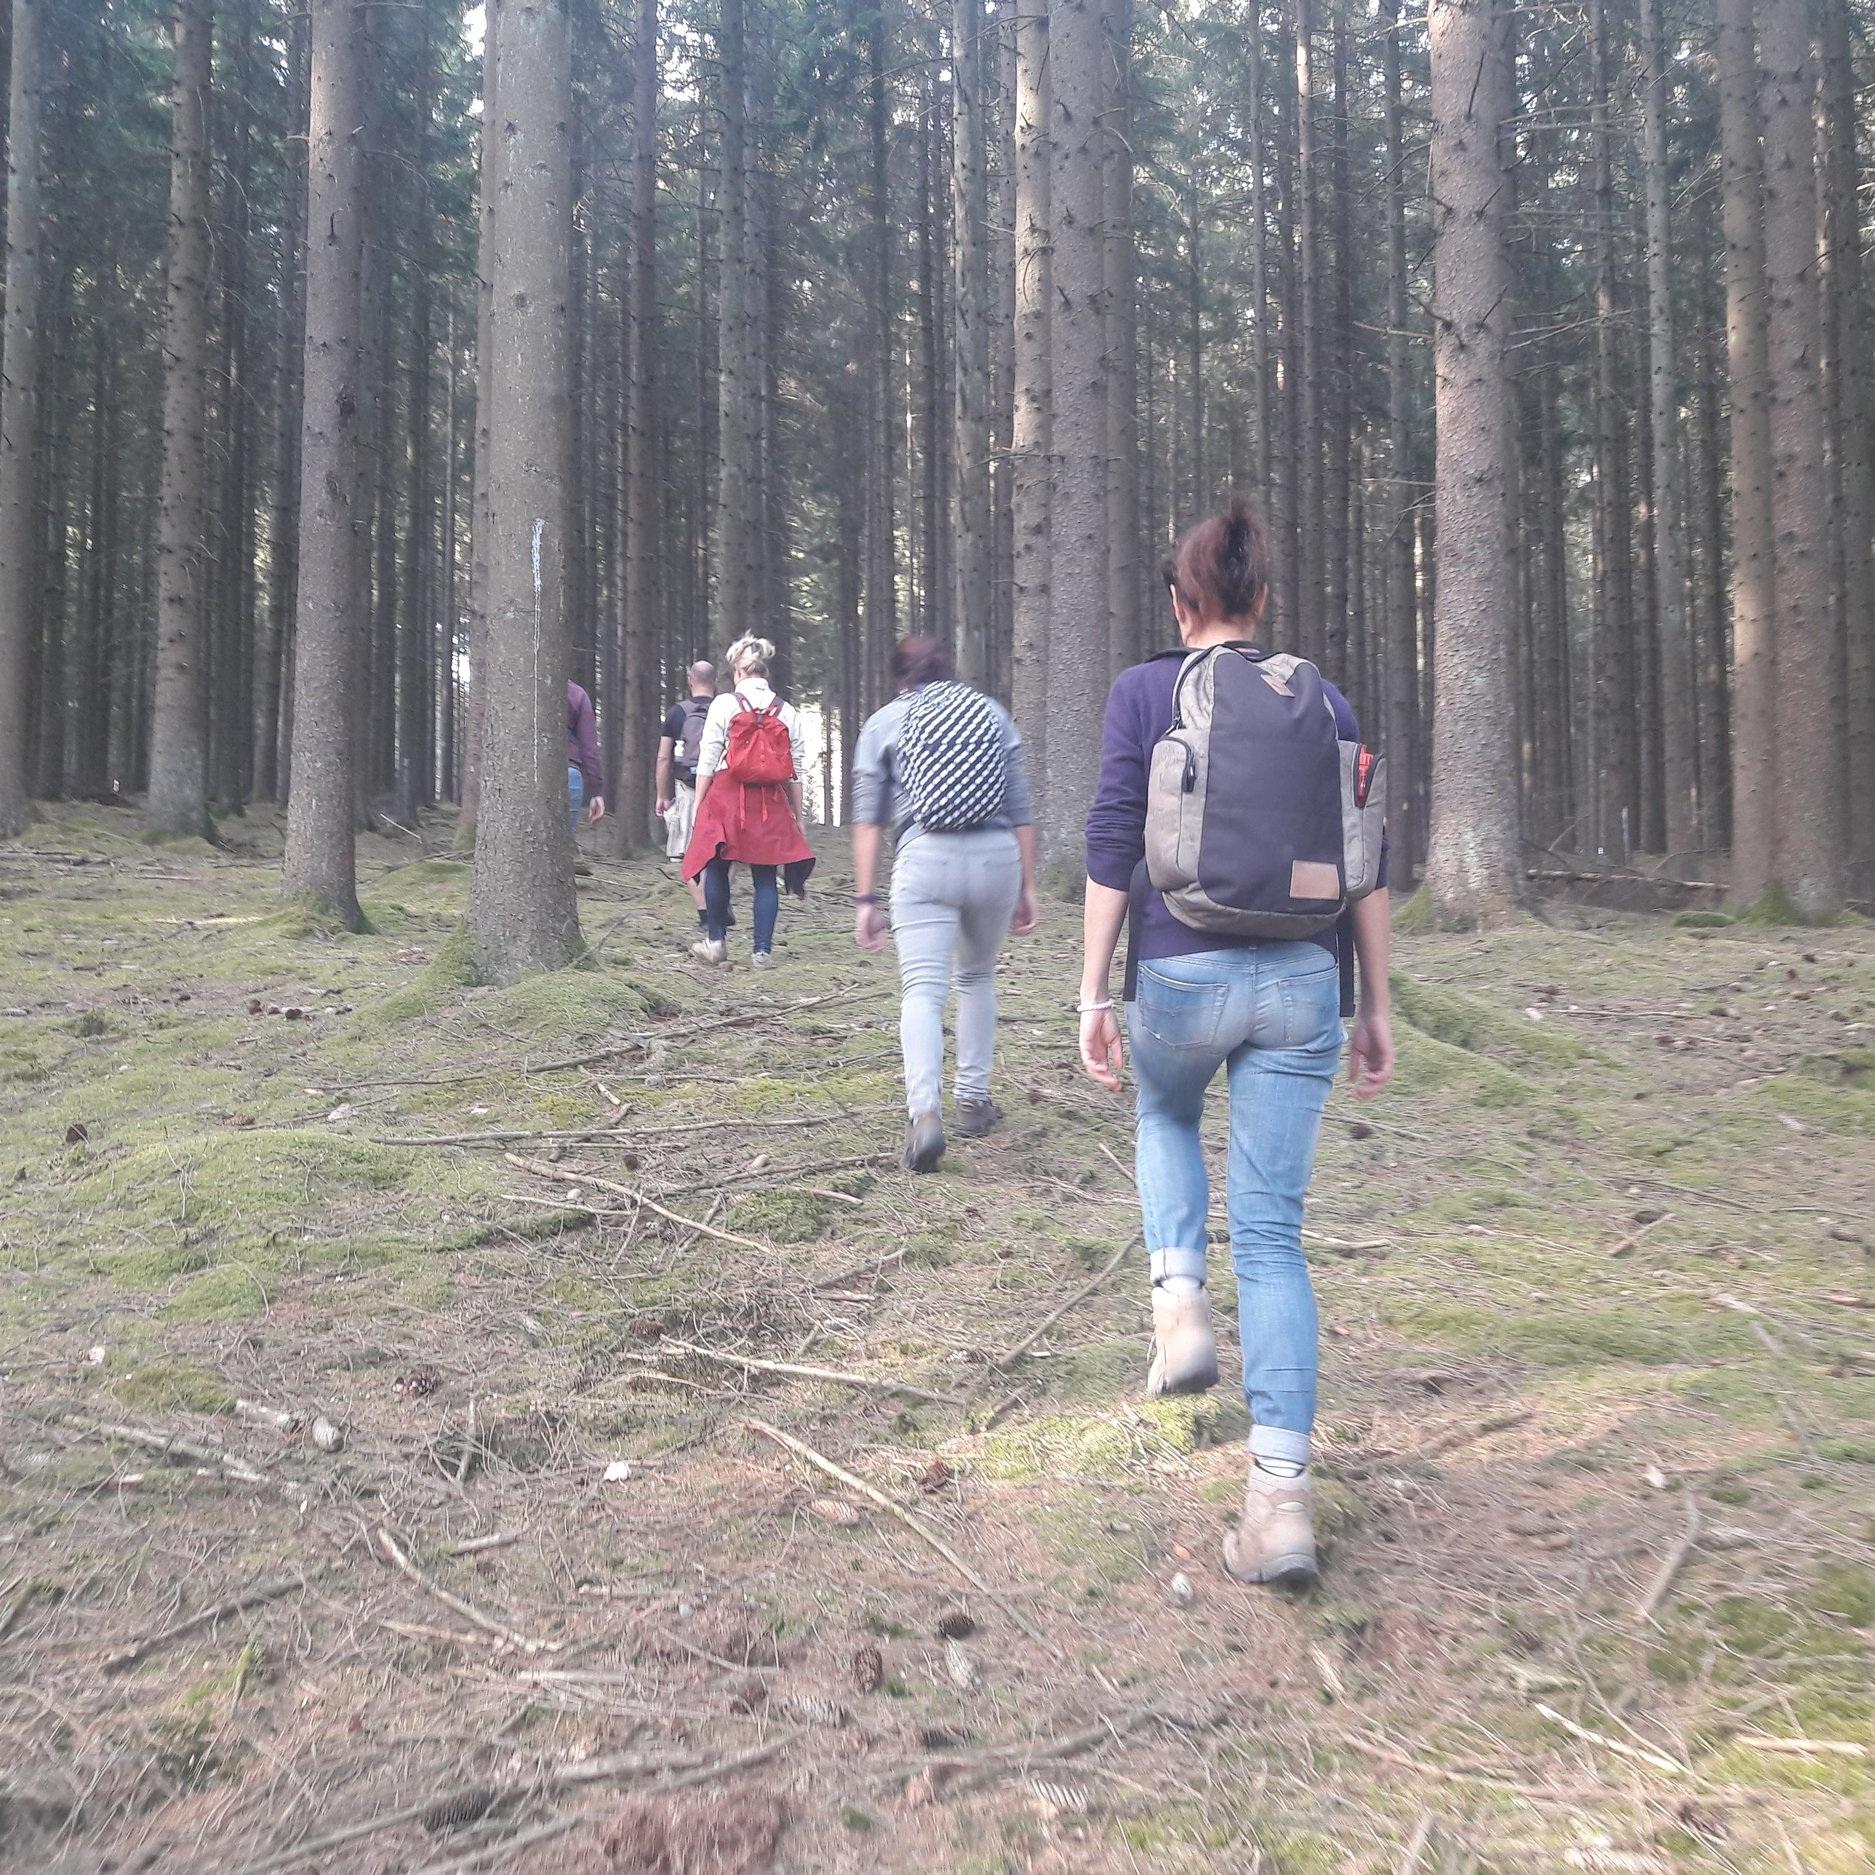 Opleiding+Wandercoaching+-+wandering.jpg